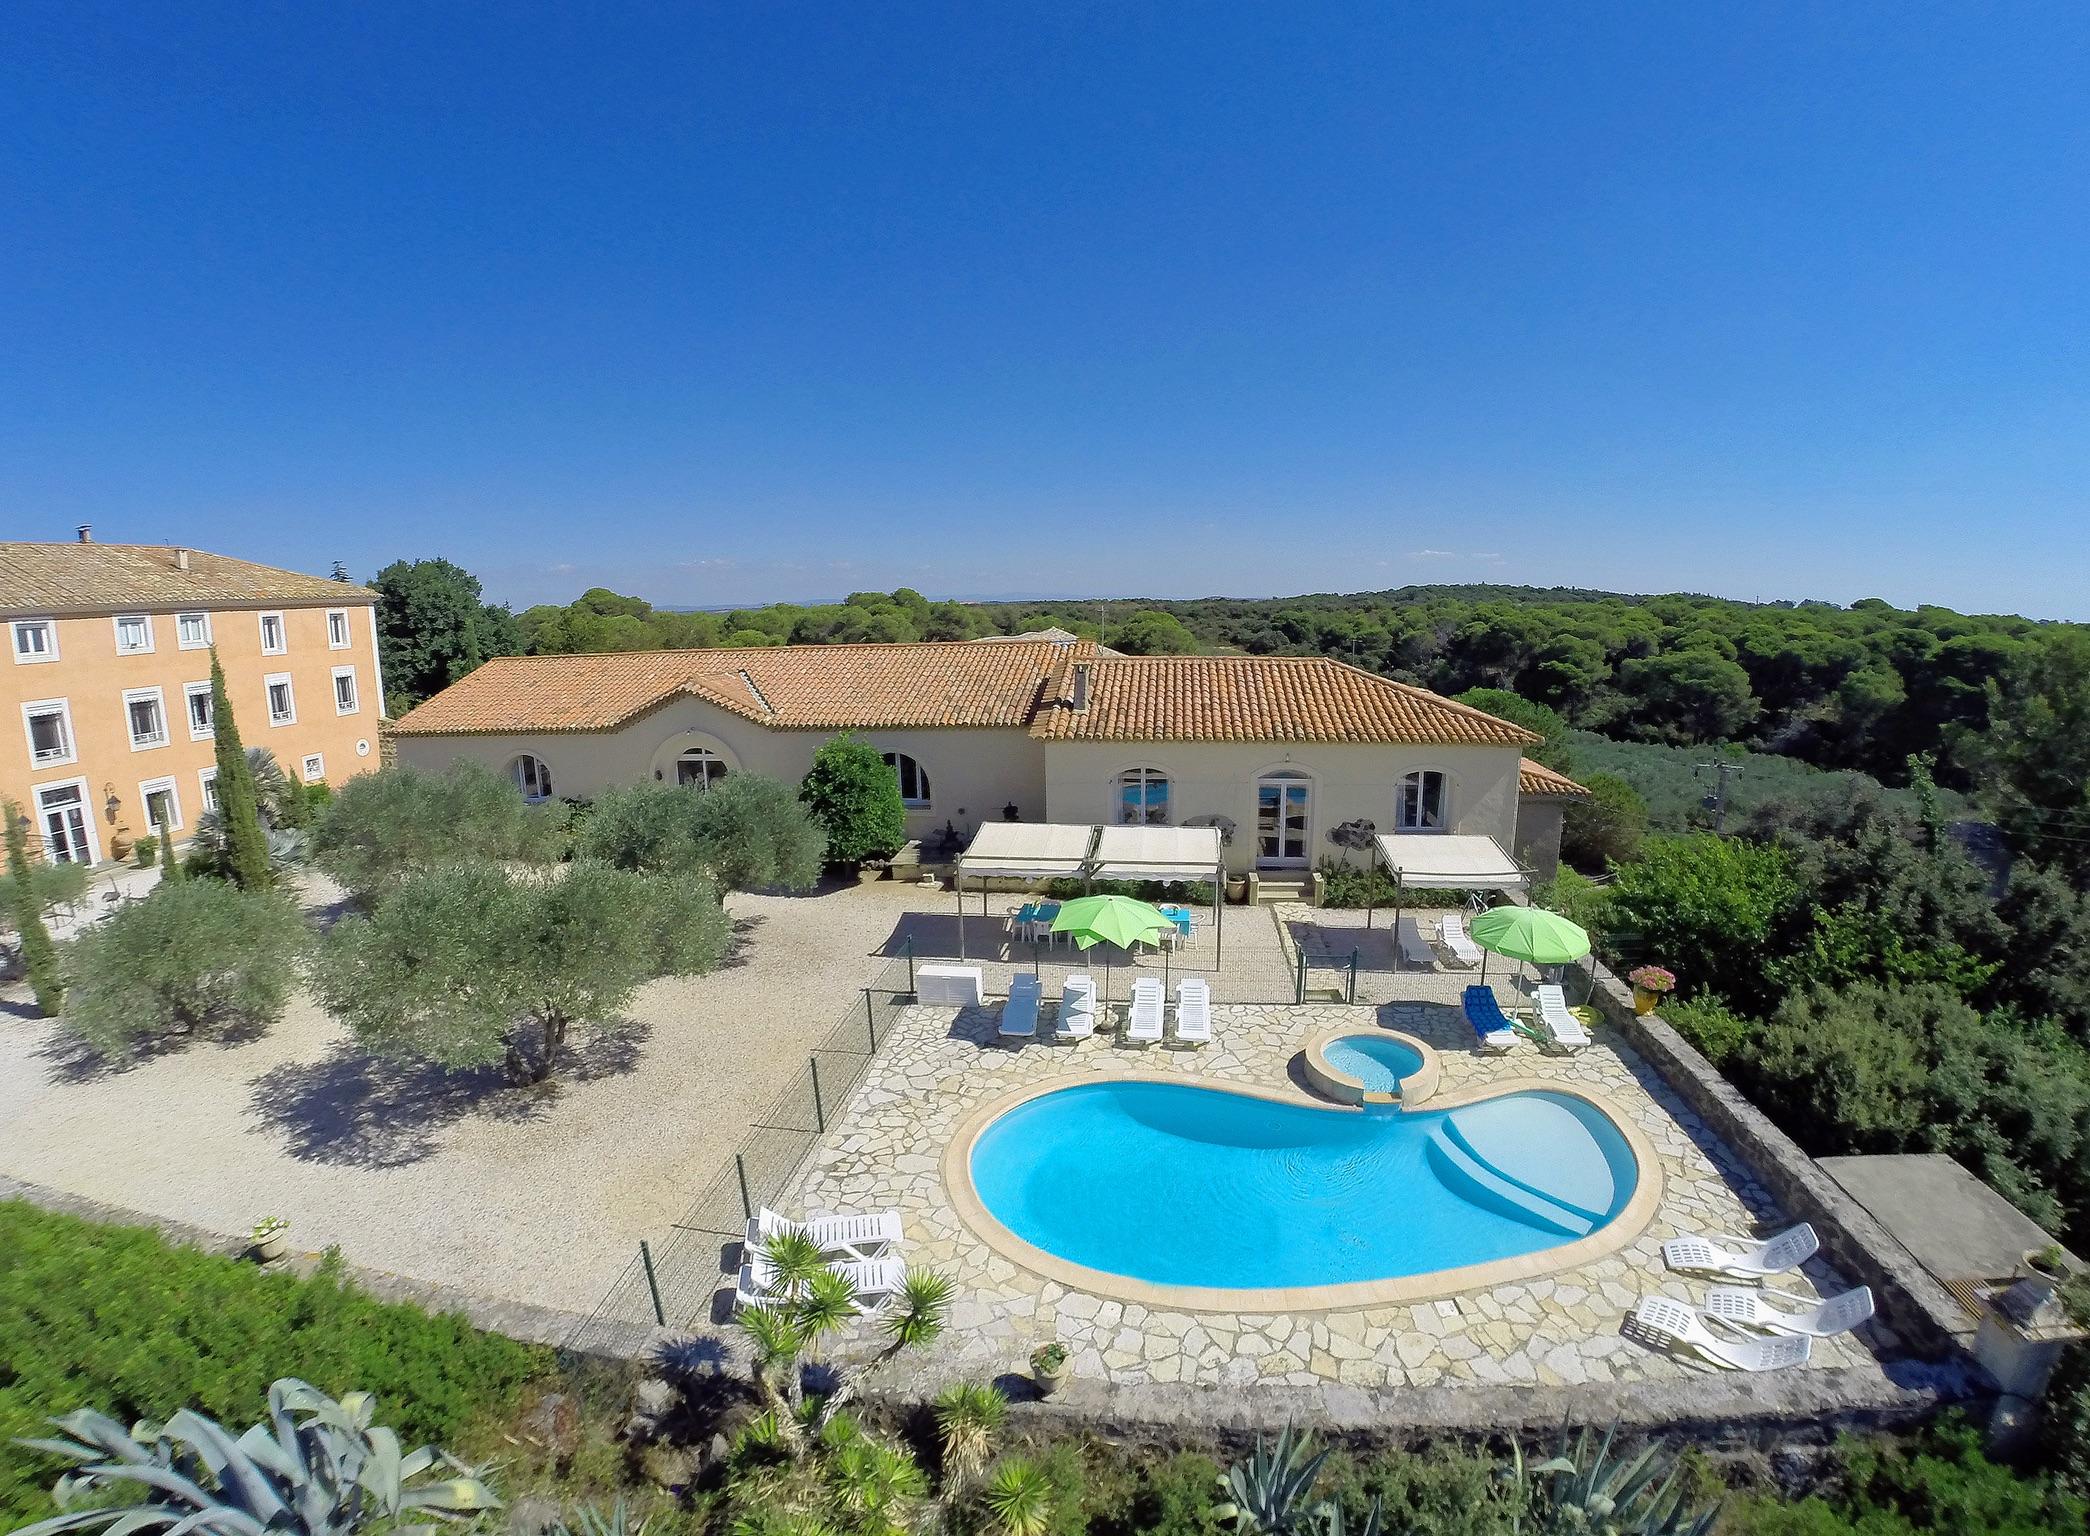 Ferienhaus Charaktervolles Haus in Hérault mit Pool und Garten (2201003), Portiragnes, Mittelmeerküste Hérault, Languedoc-Roussillon, Frankreich, Bild 4